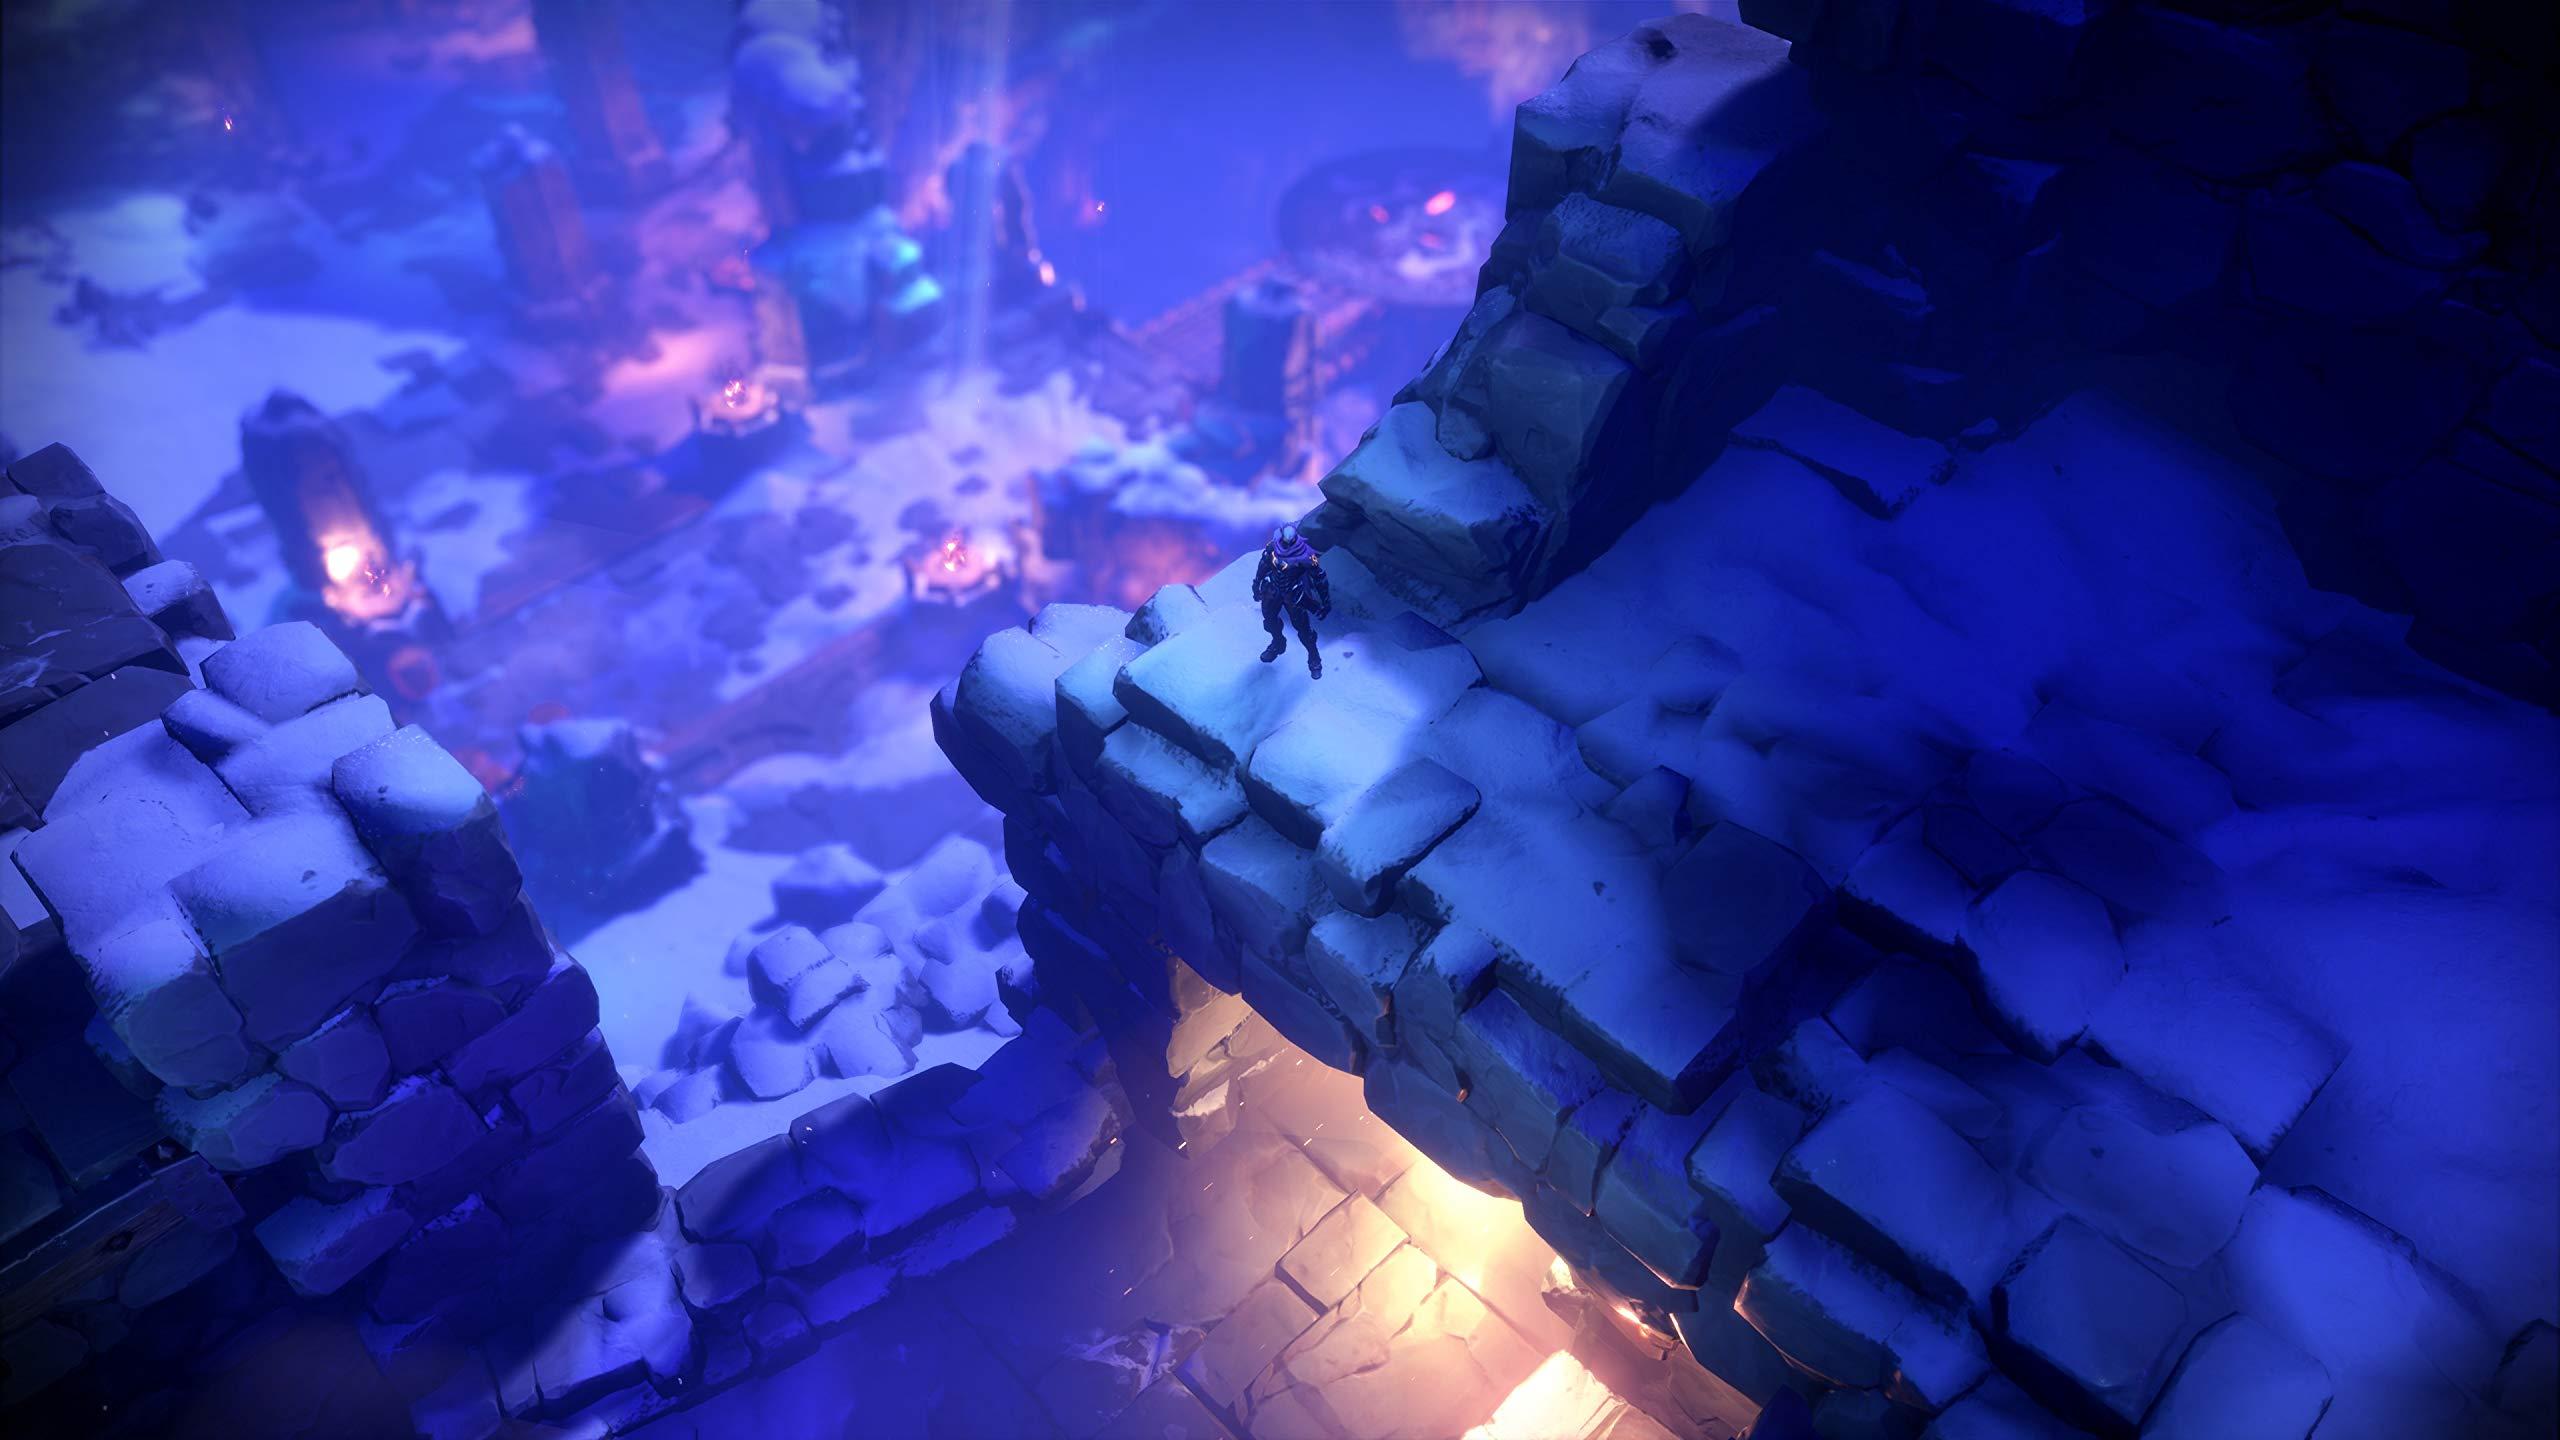 《暗黑血统:创世纪》首批截图和海报泄露 登陆PC、PS4和Switch